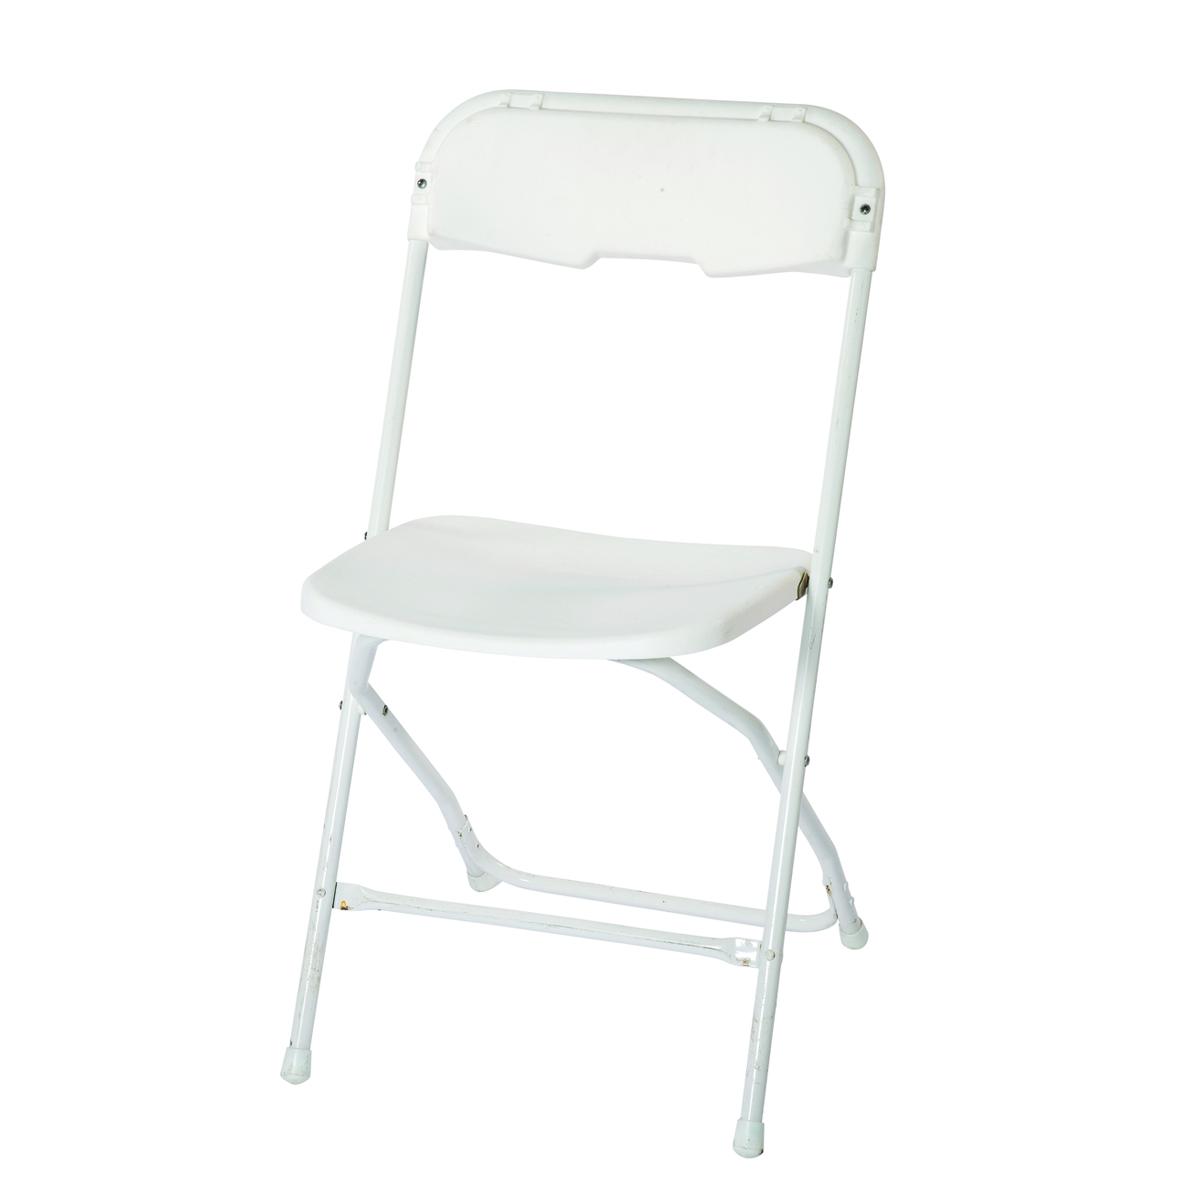 Chairs- Samsonite, folding, white